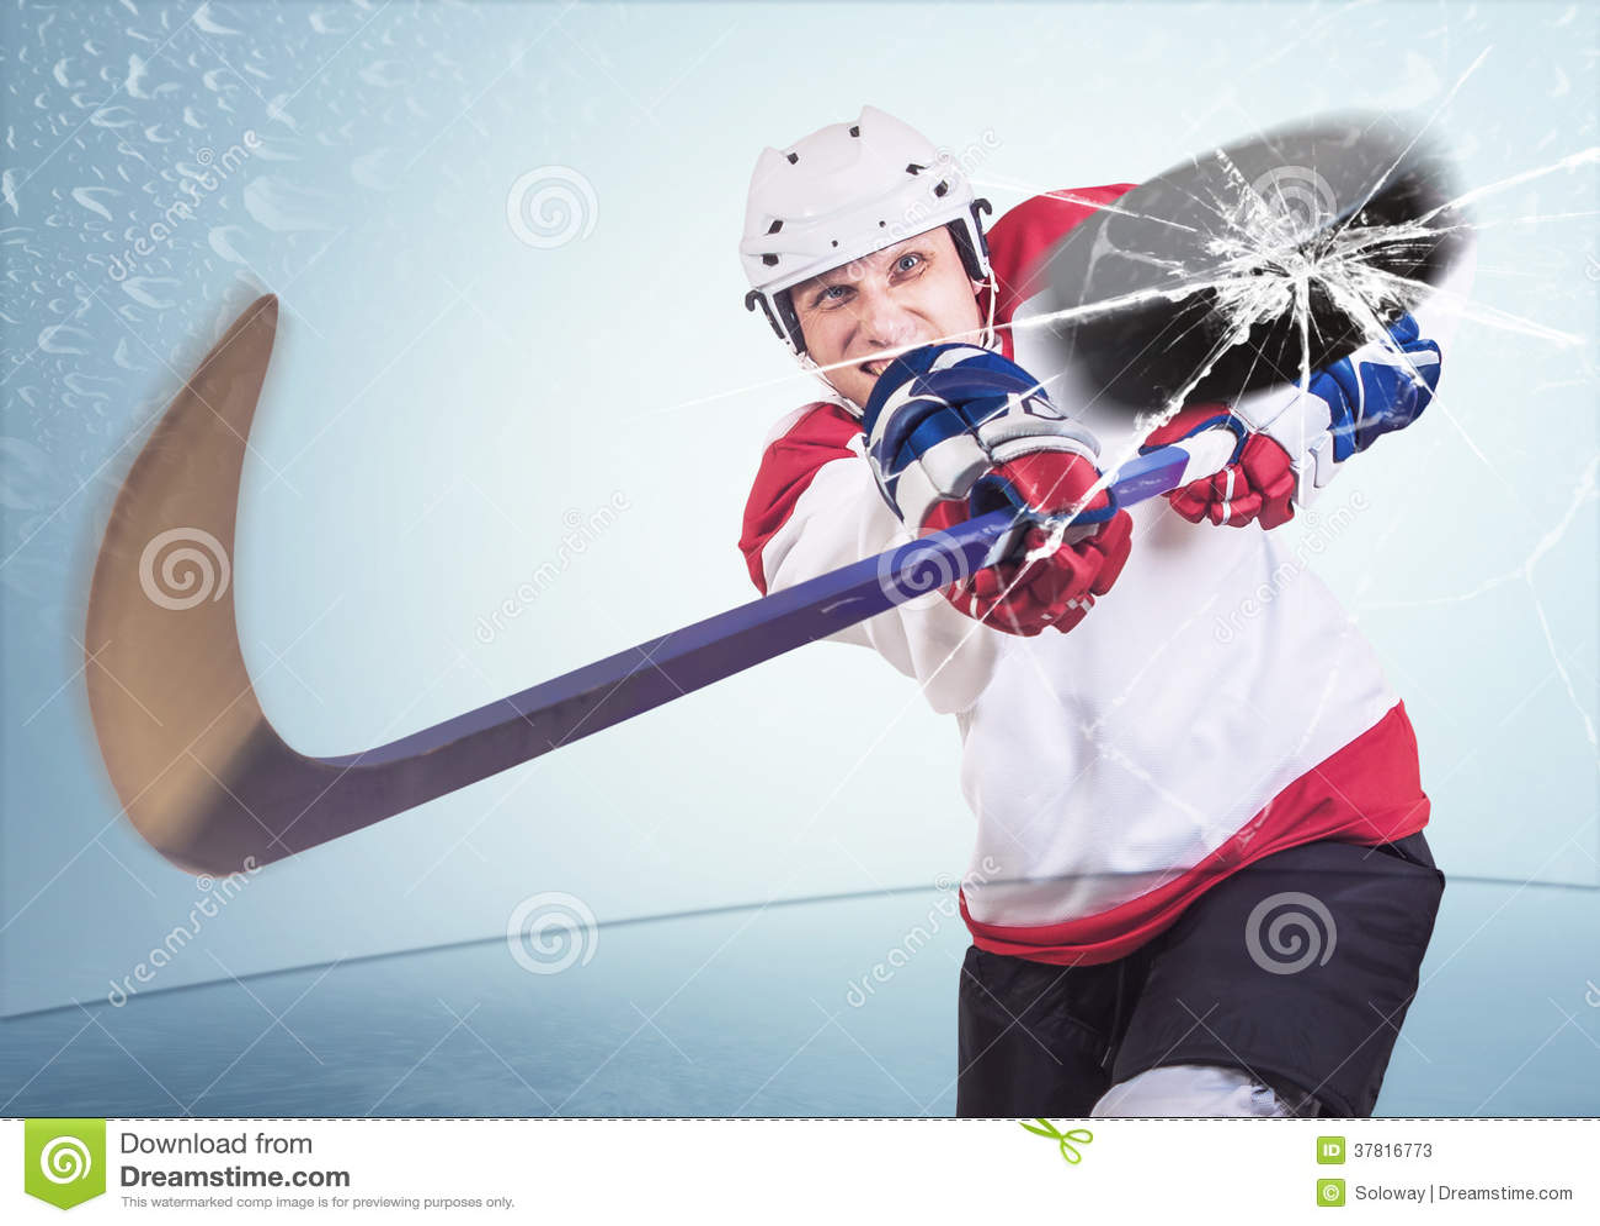 Famoso Jugadores De Hockey Para Colorear Fotos - Dibujos Para ...